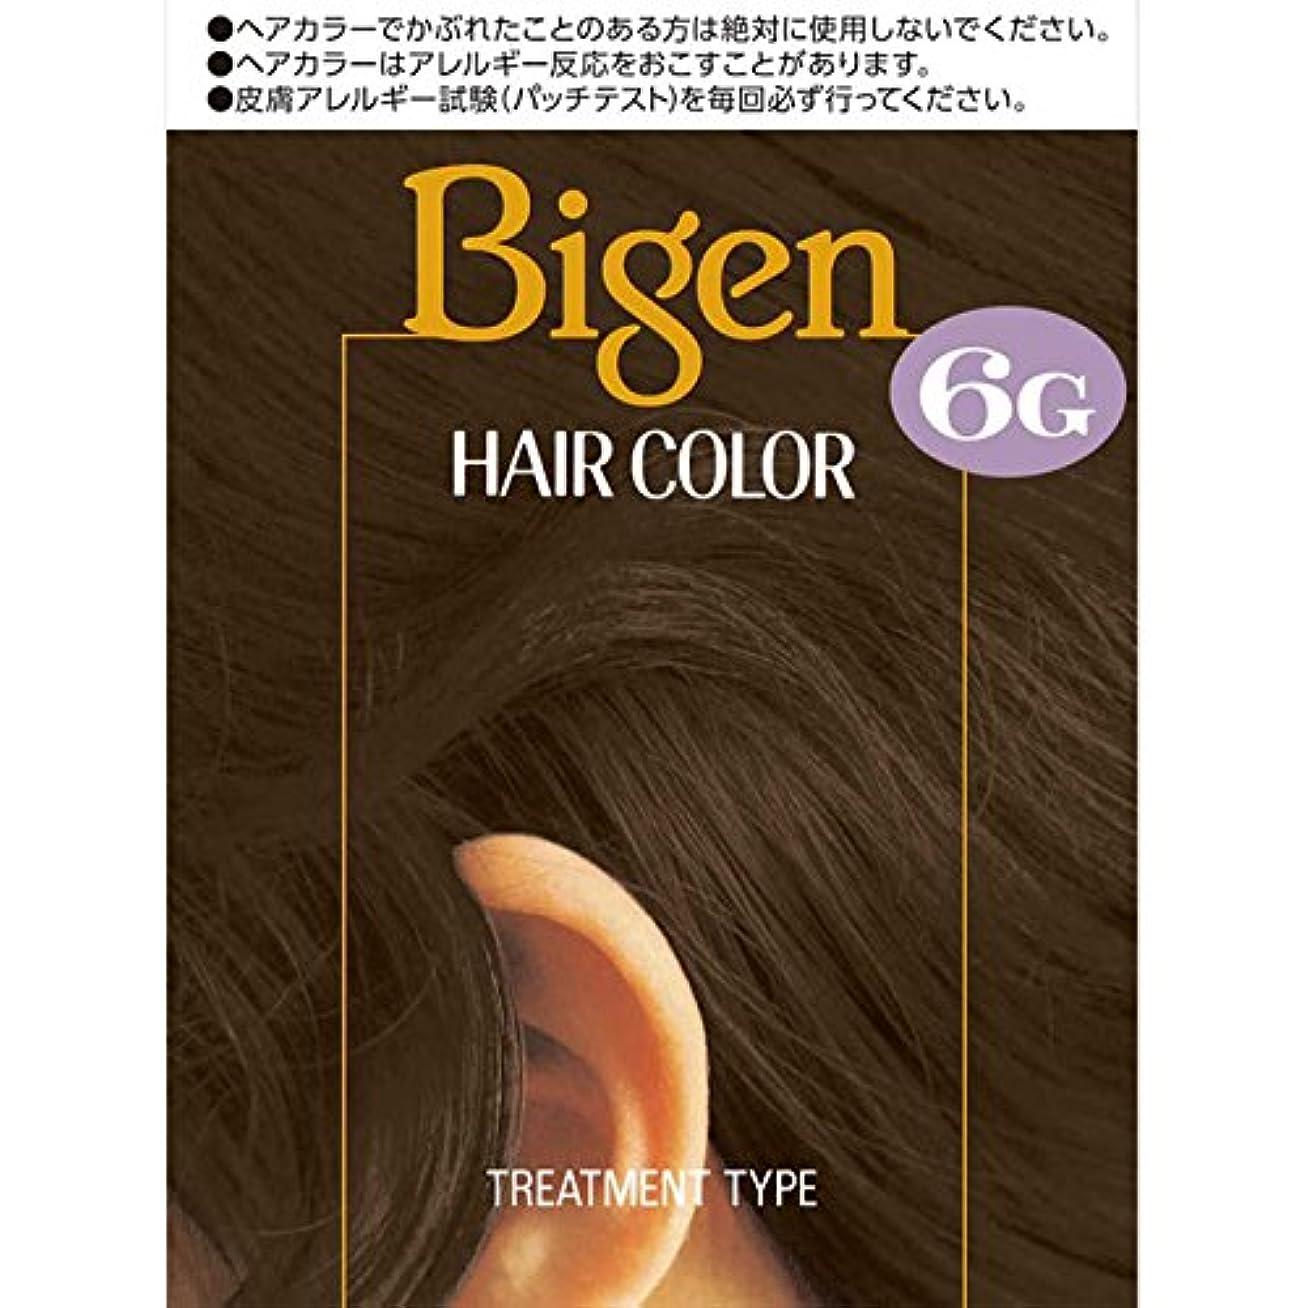 株式春朝の体操をするホーユー ビゲン ヘアカラー 6G 自然な褐色 40ml×2